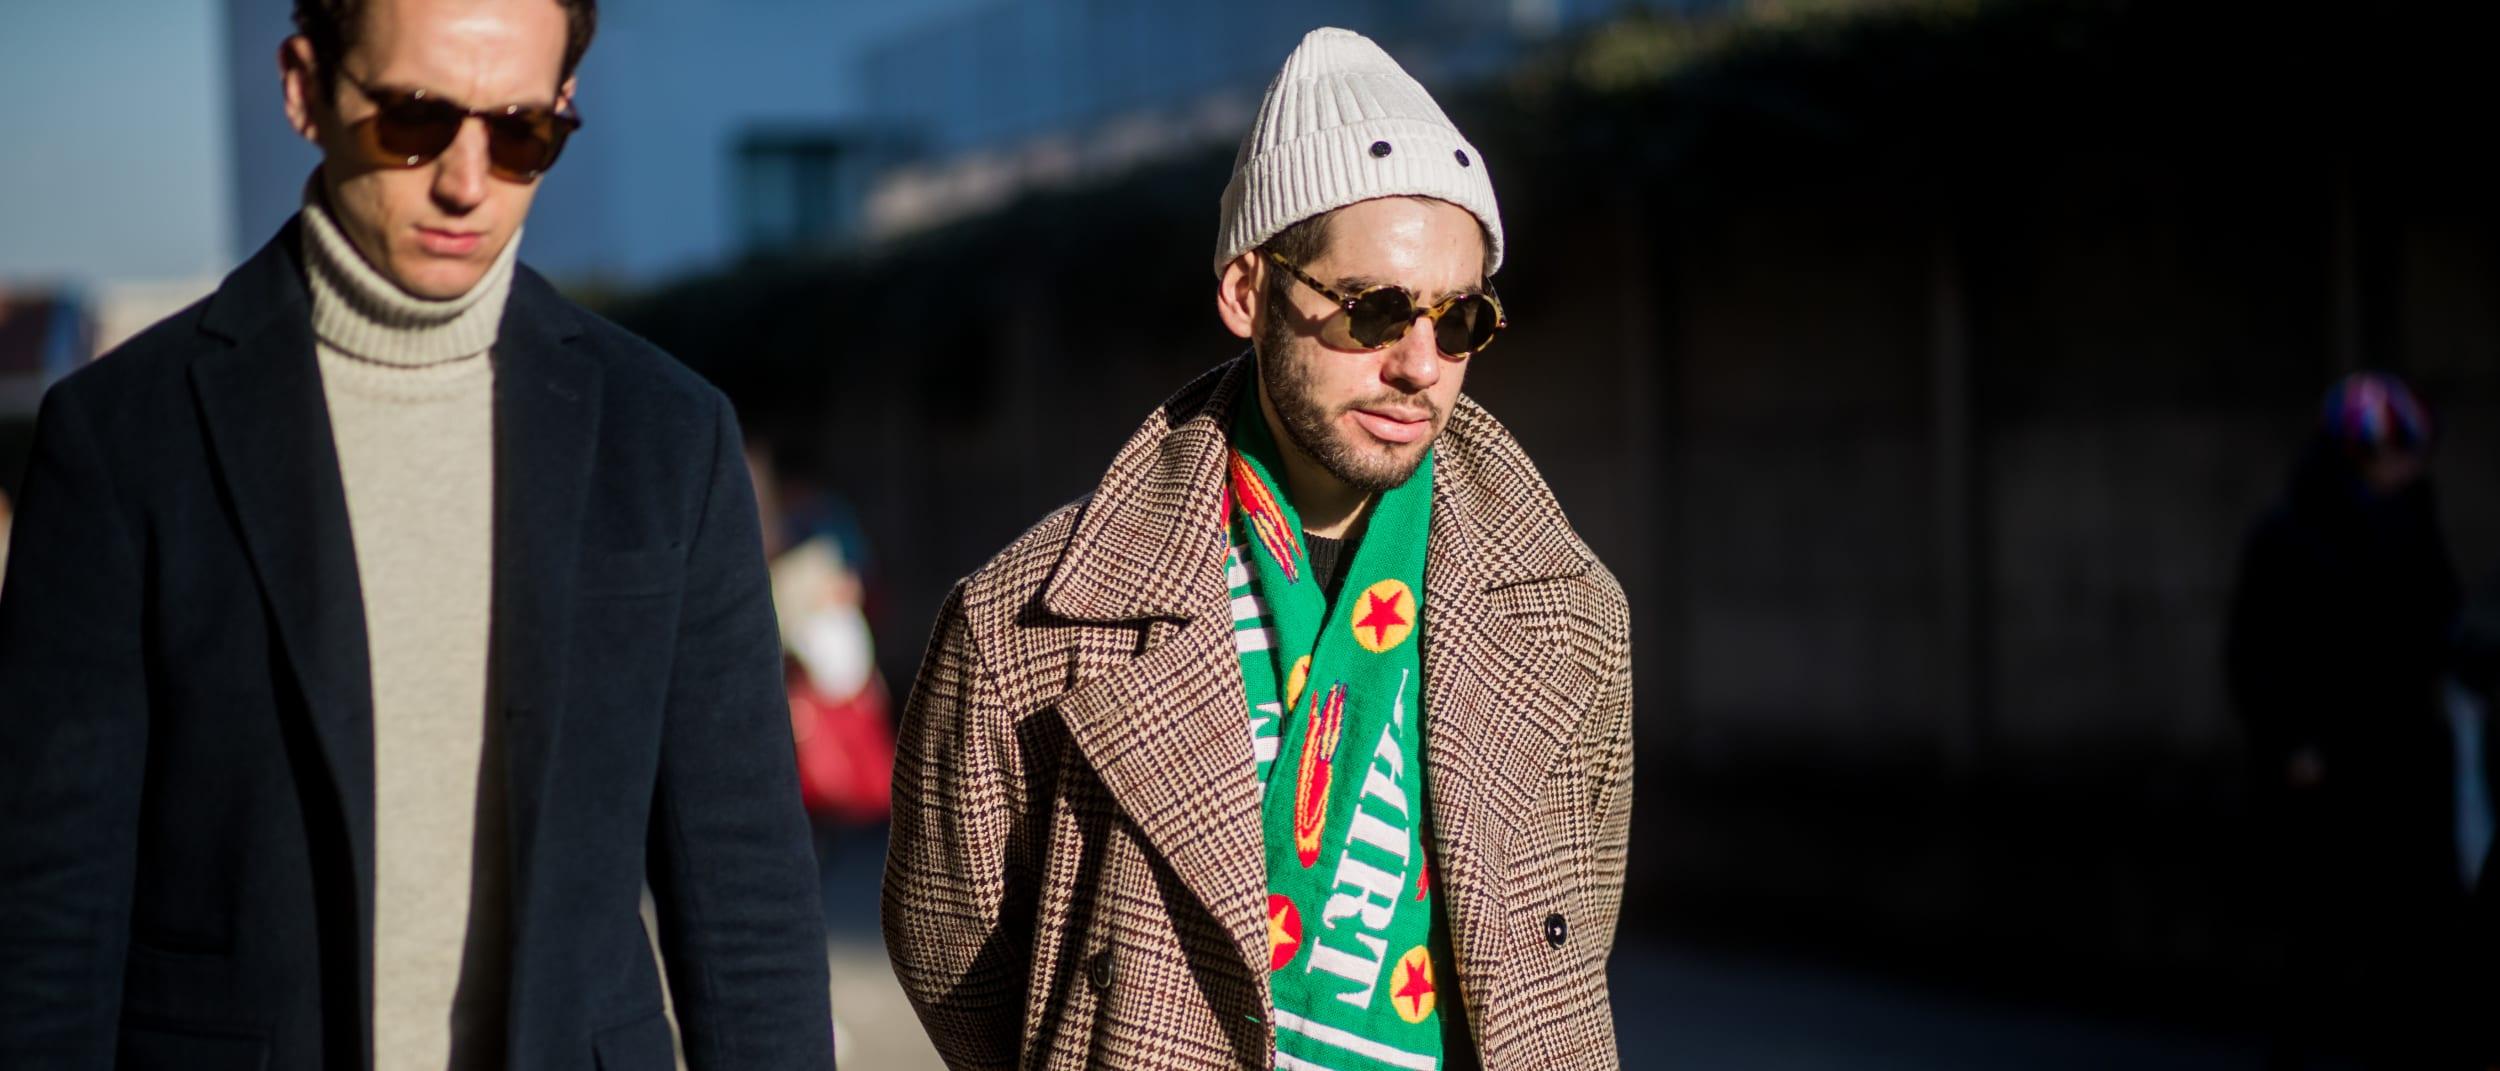 5 must-try men's winter trends